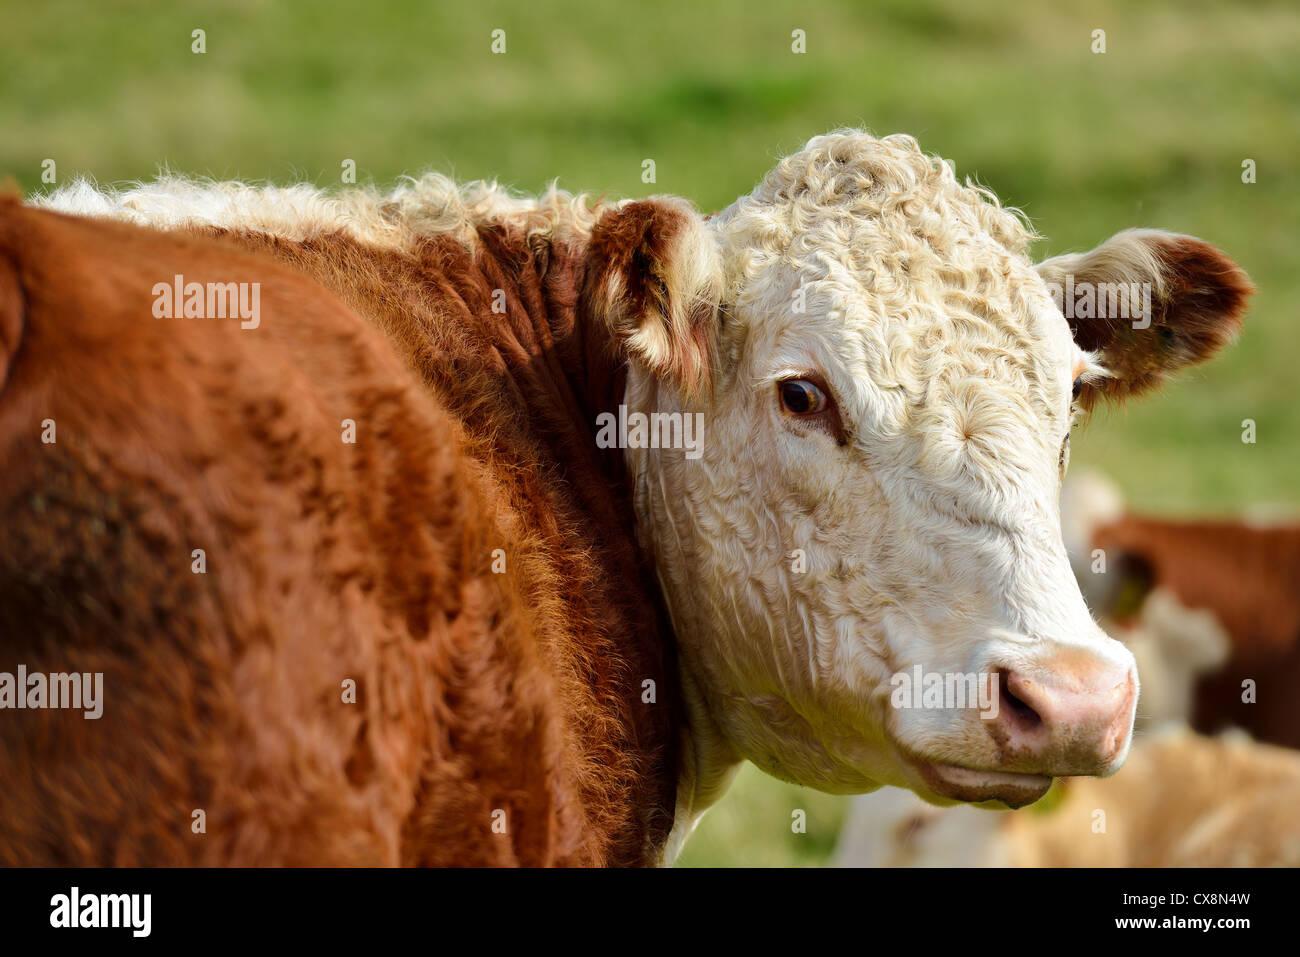 Eine glückliche Kuh schaut sich um. Stockbild